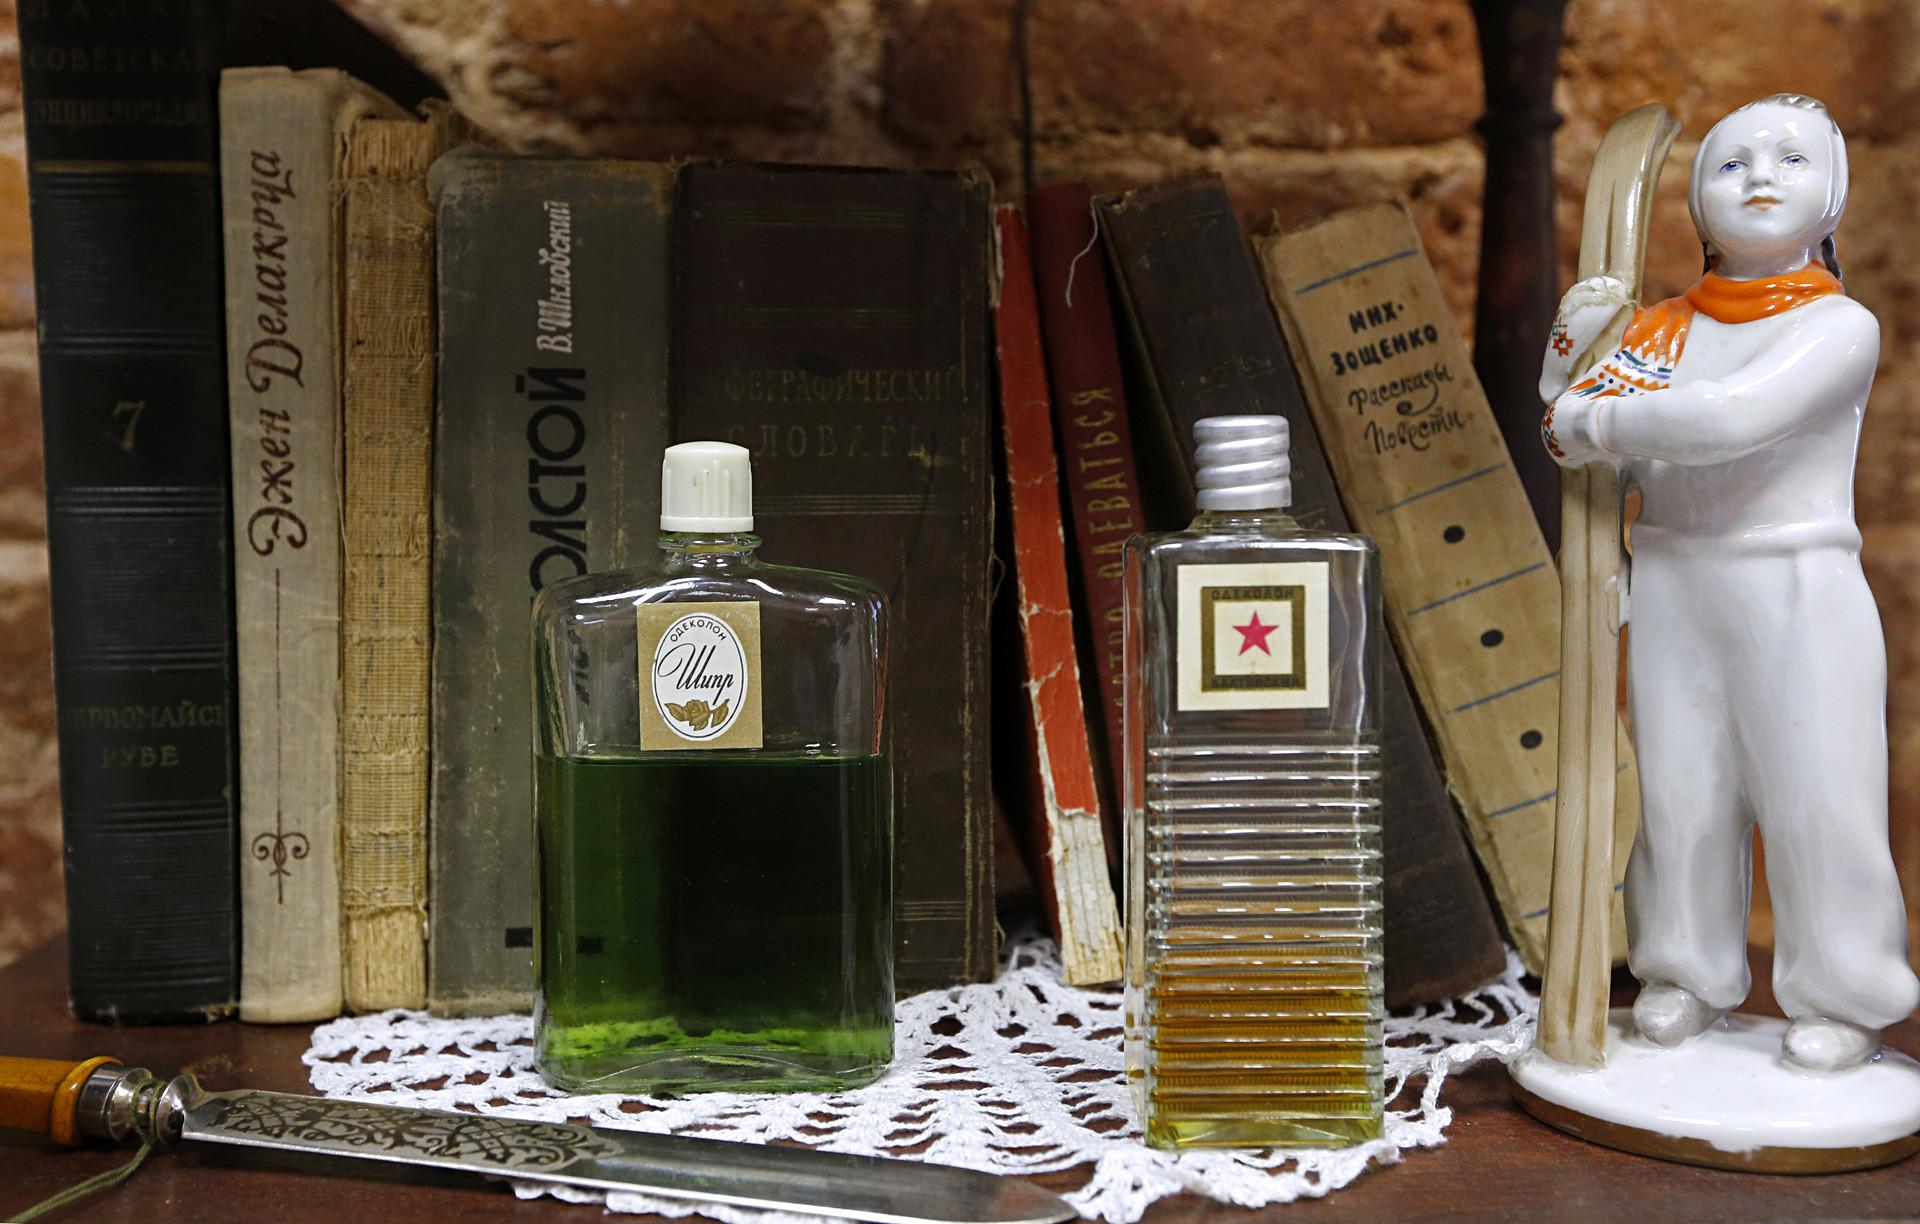 Chypre eau de cologne. Perfume bastante bom para os padrões soviéticos, ele era horroroso para se beber.